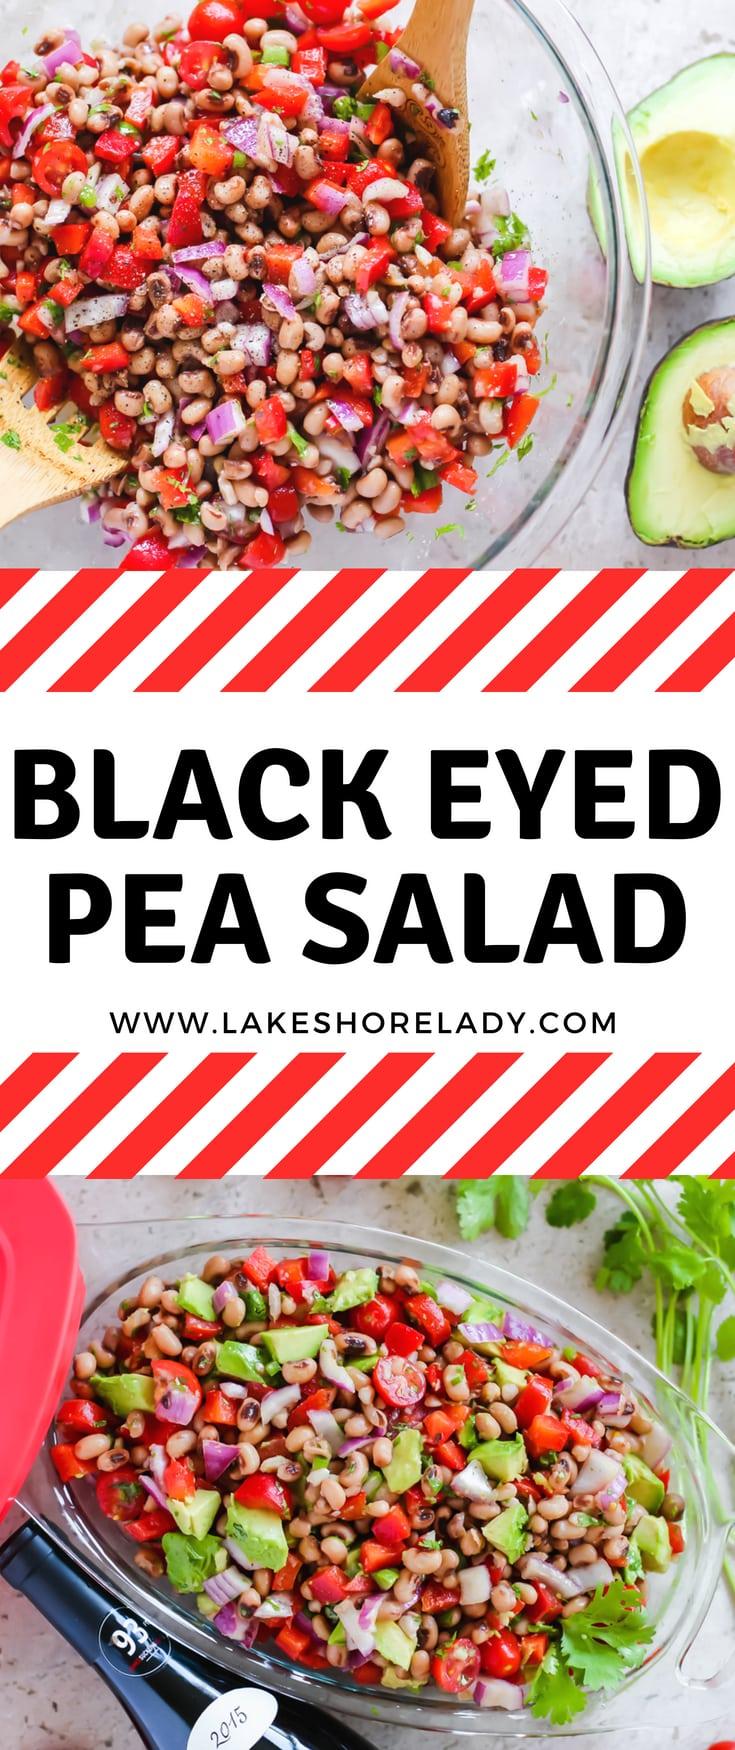 black eyed pea salad - Lake Shore Lady